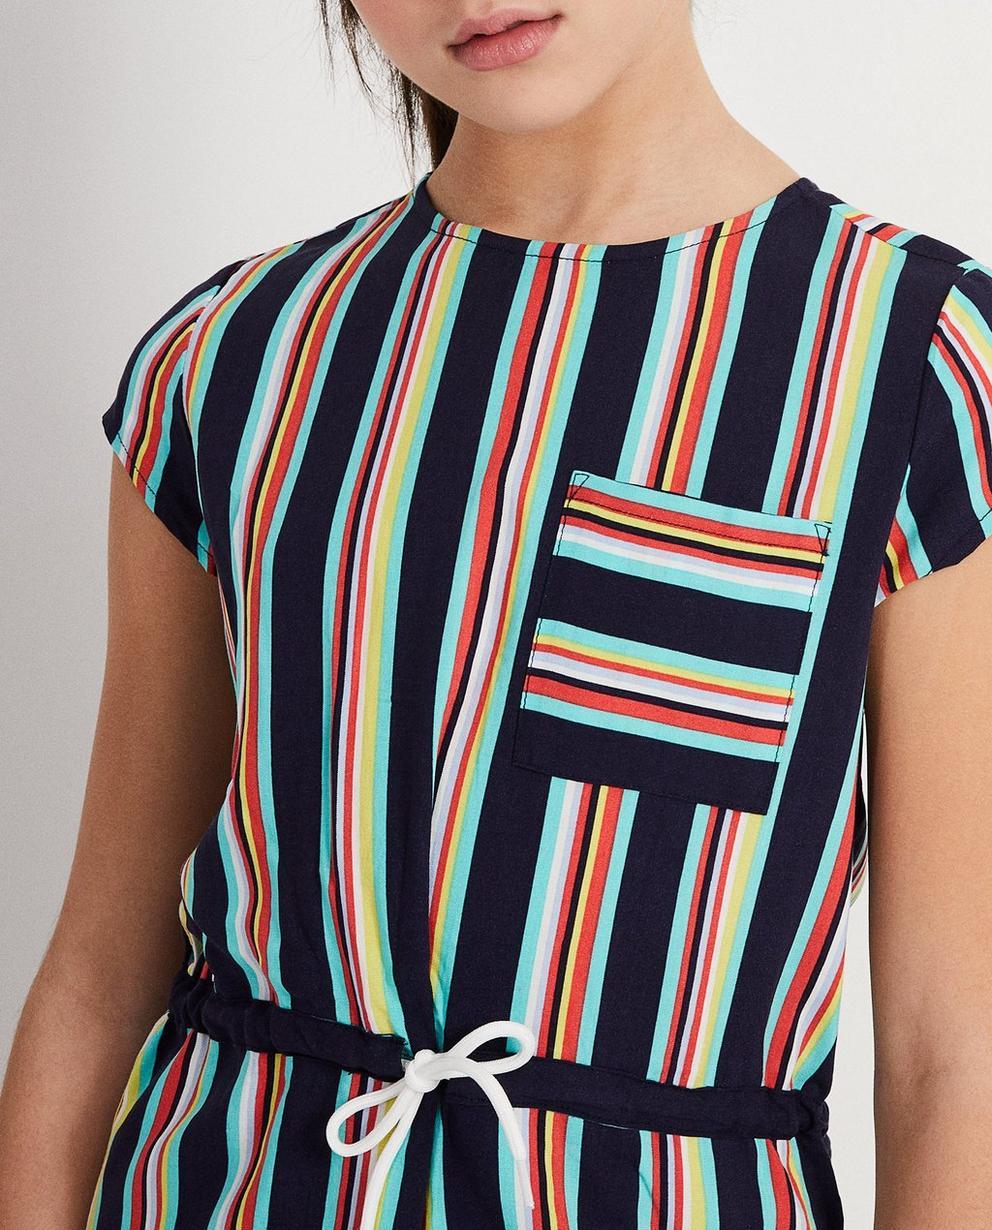 Kleider - AO1 - Kleid aus Viskose mit Streifen